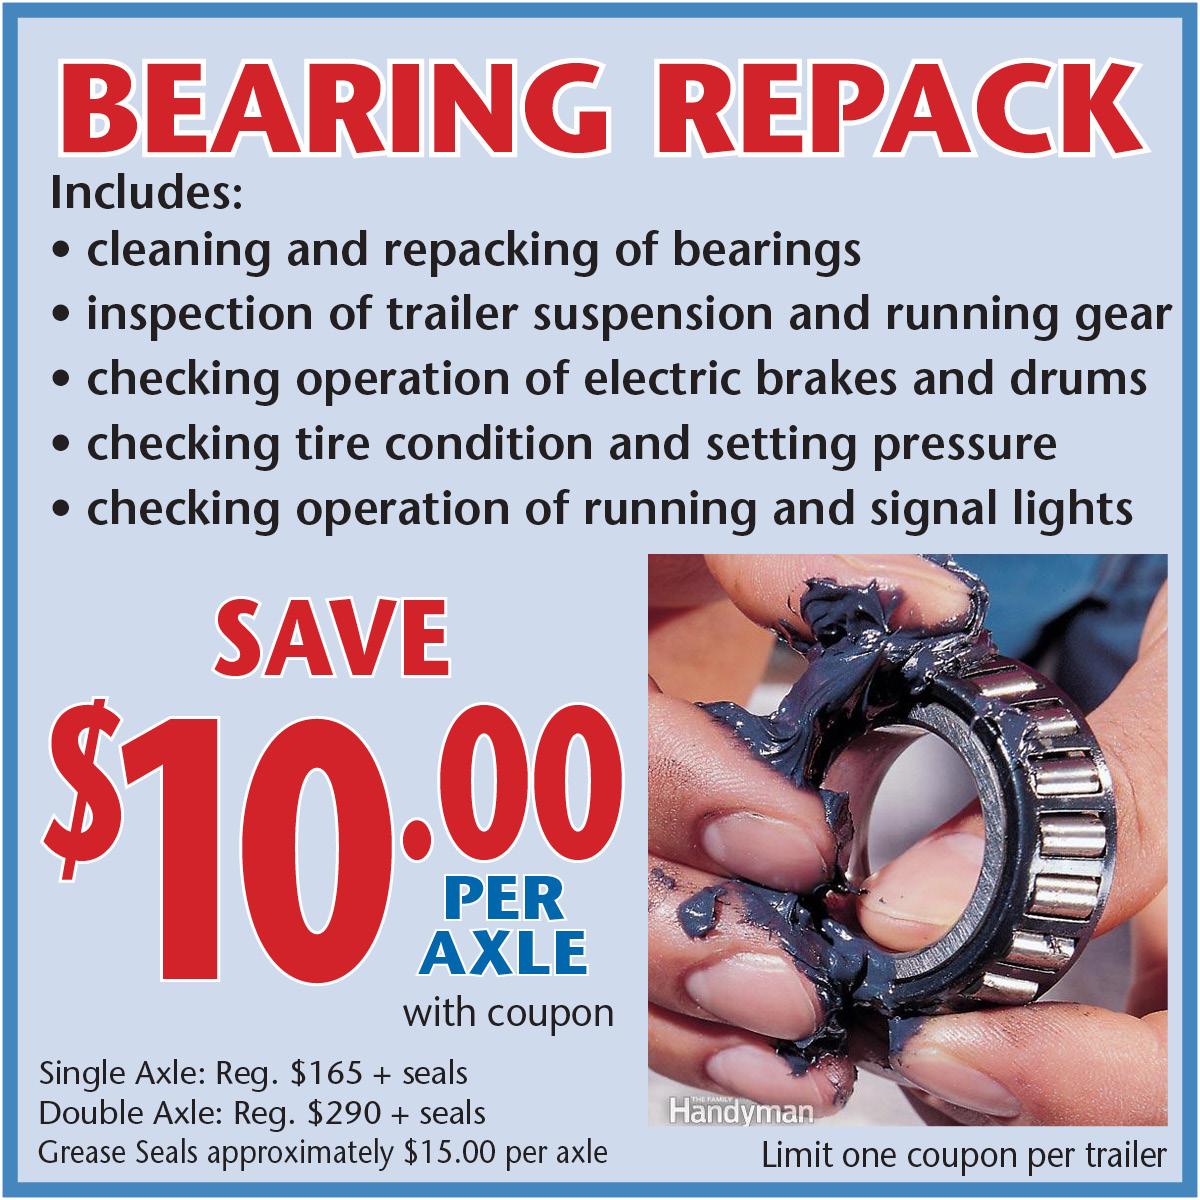 Bearing Repack